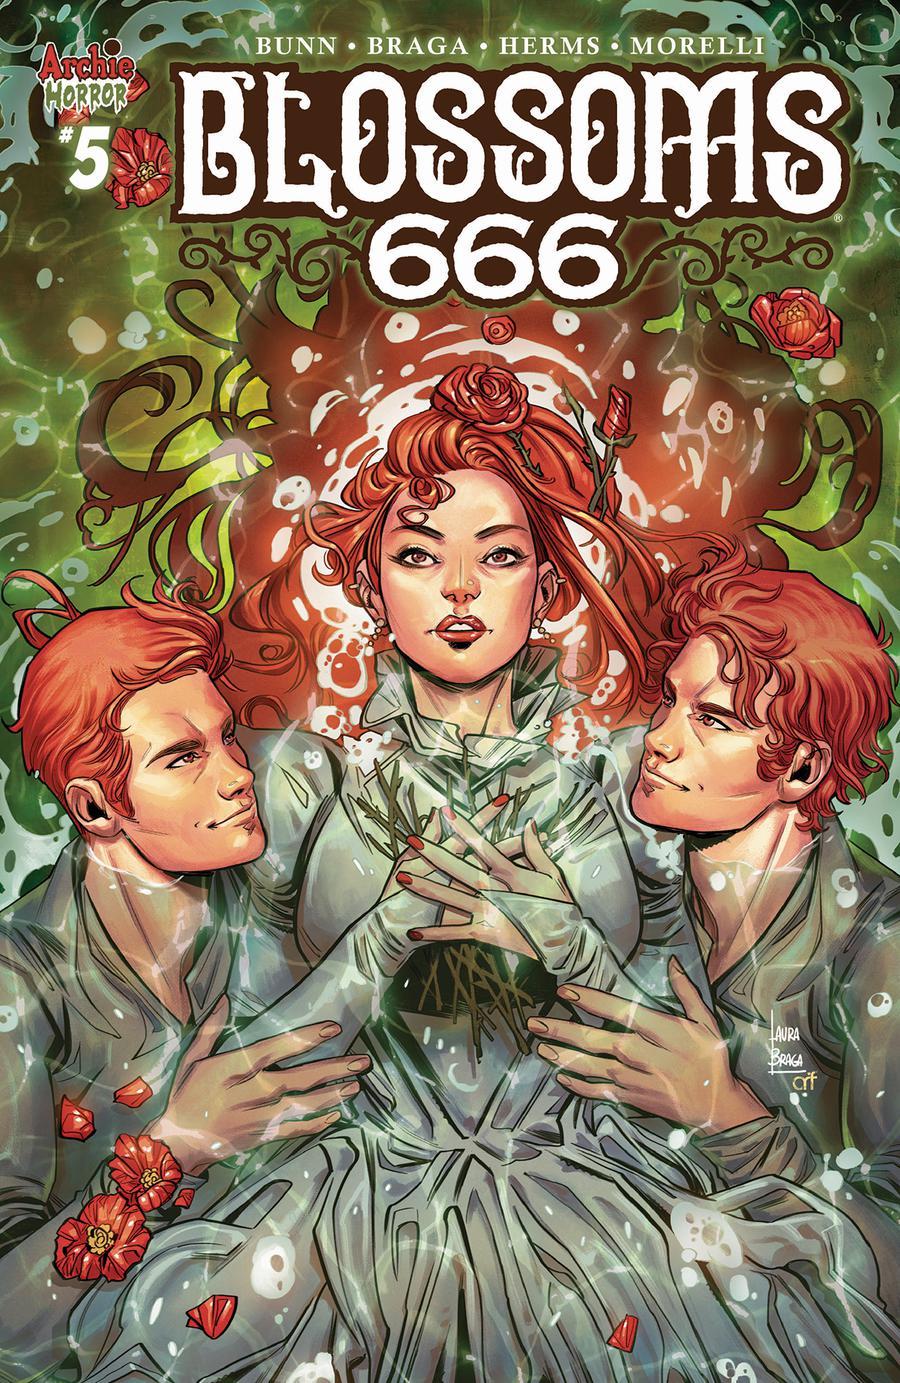 Blossoms 666 #5 Cover A Regular Laura Braga Cover